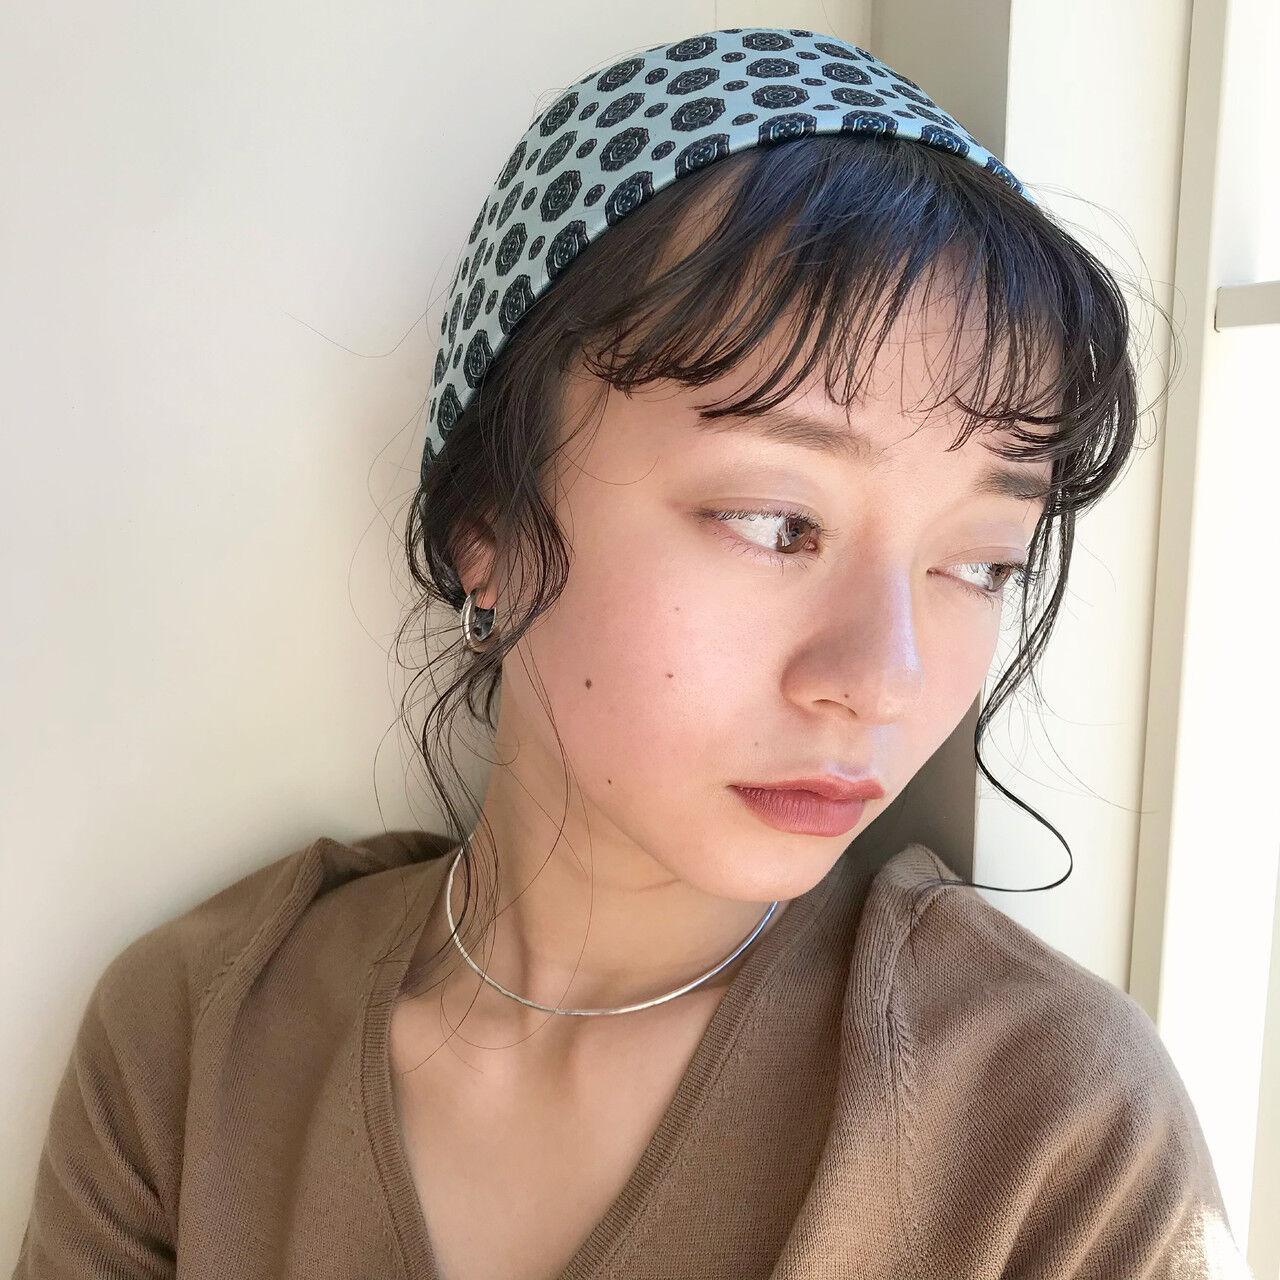 オン眉 ナチュラル 簡単ヘアアレンジ ミディアムヘアスタイルや髪型の写真・画像